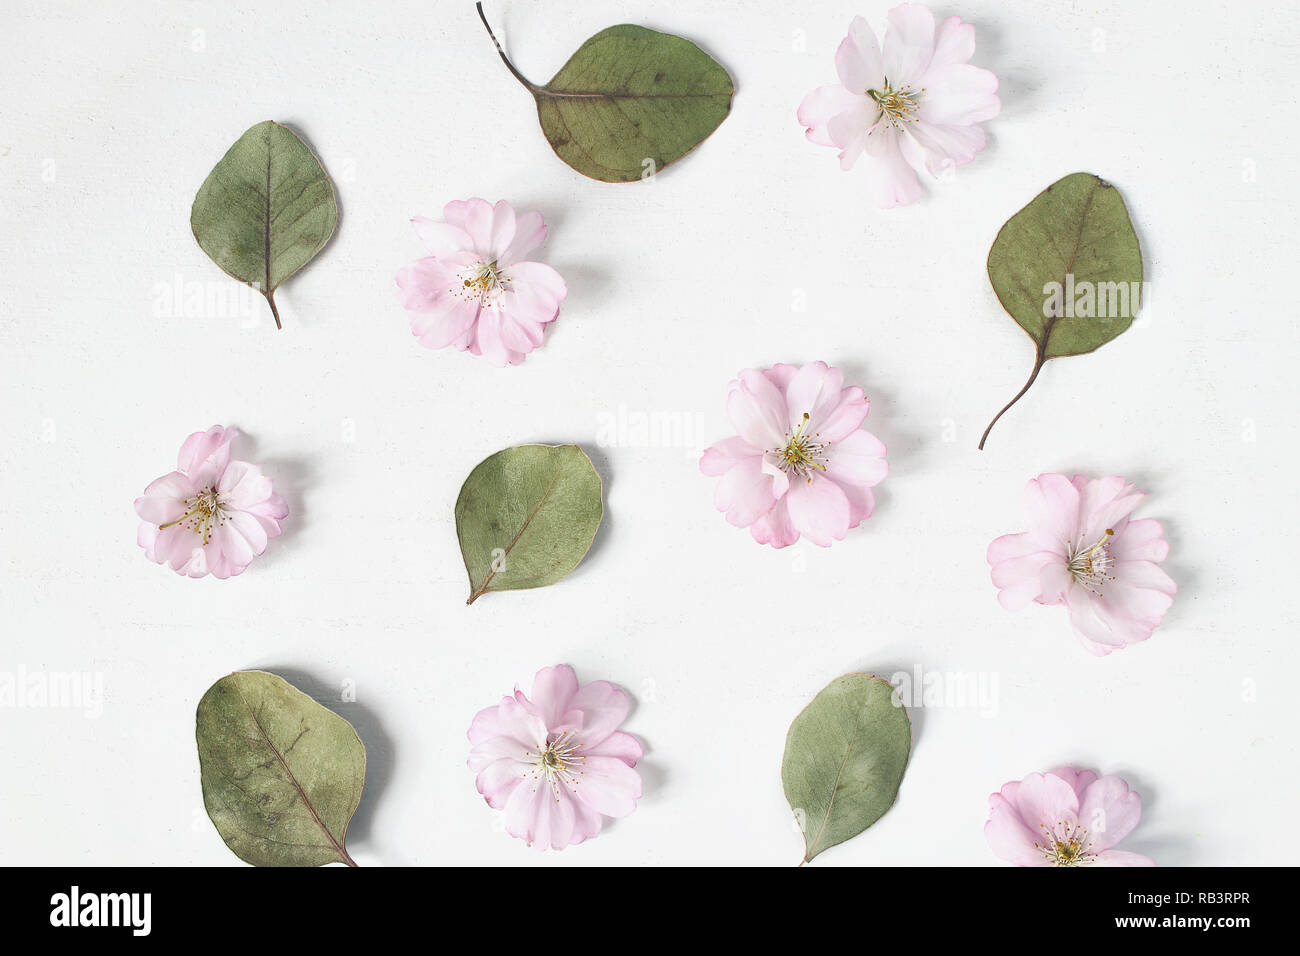 Feminine floralen Muster. Trockenen eukalyptus Blätter und Rosa japanische kirsche baum Blüten auf alte weiße Holztisch Hintergrund. Flach, Ansicht von oben. Stockfoto